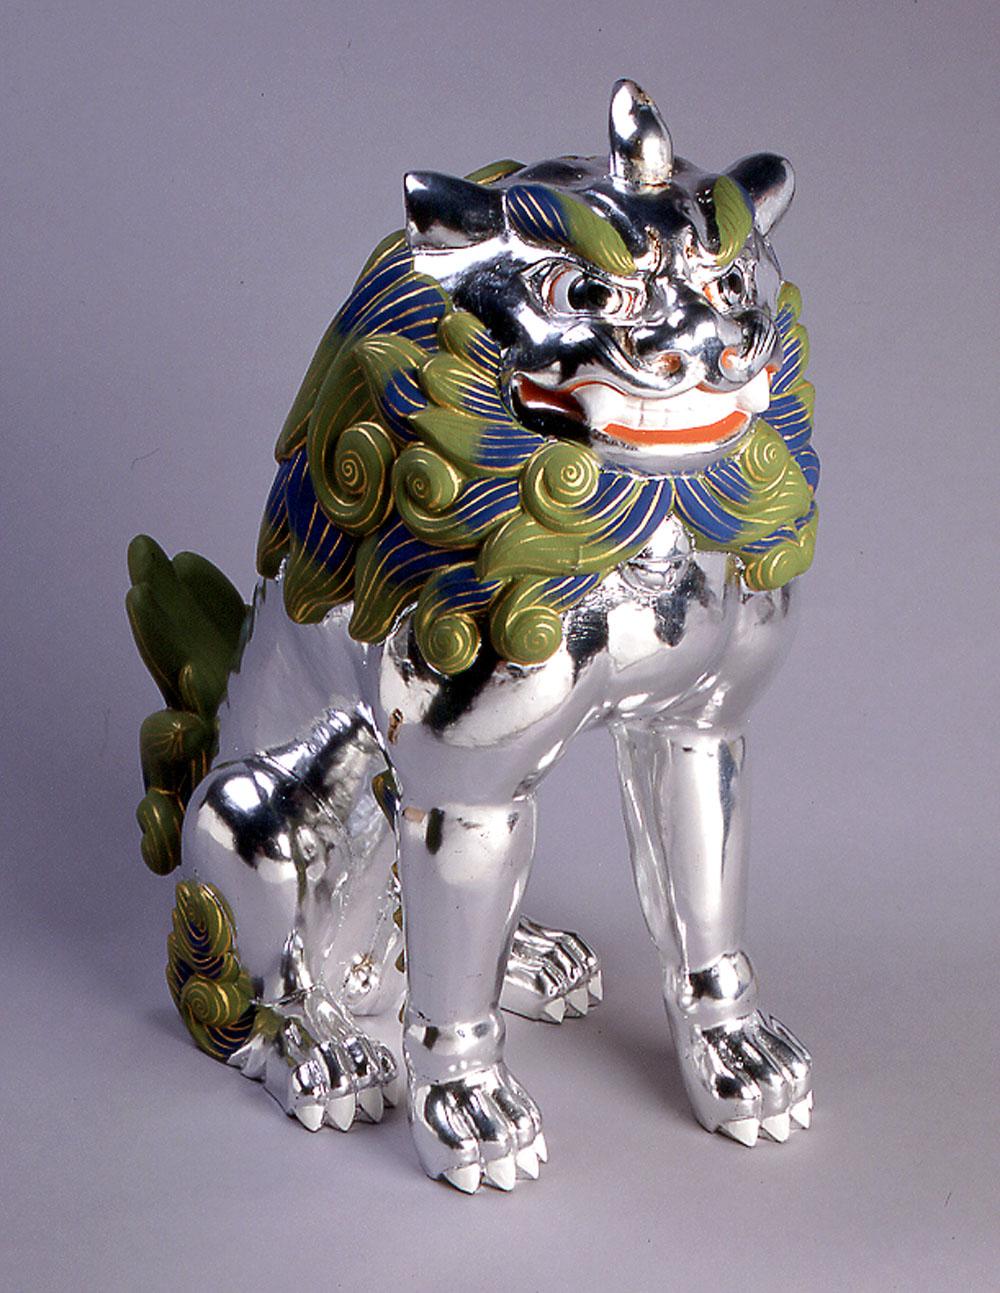 平安・鎌倉時代の高麗犬イメージです。イうーん、相当な猛犬!?